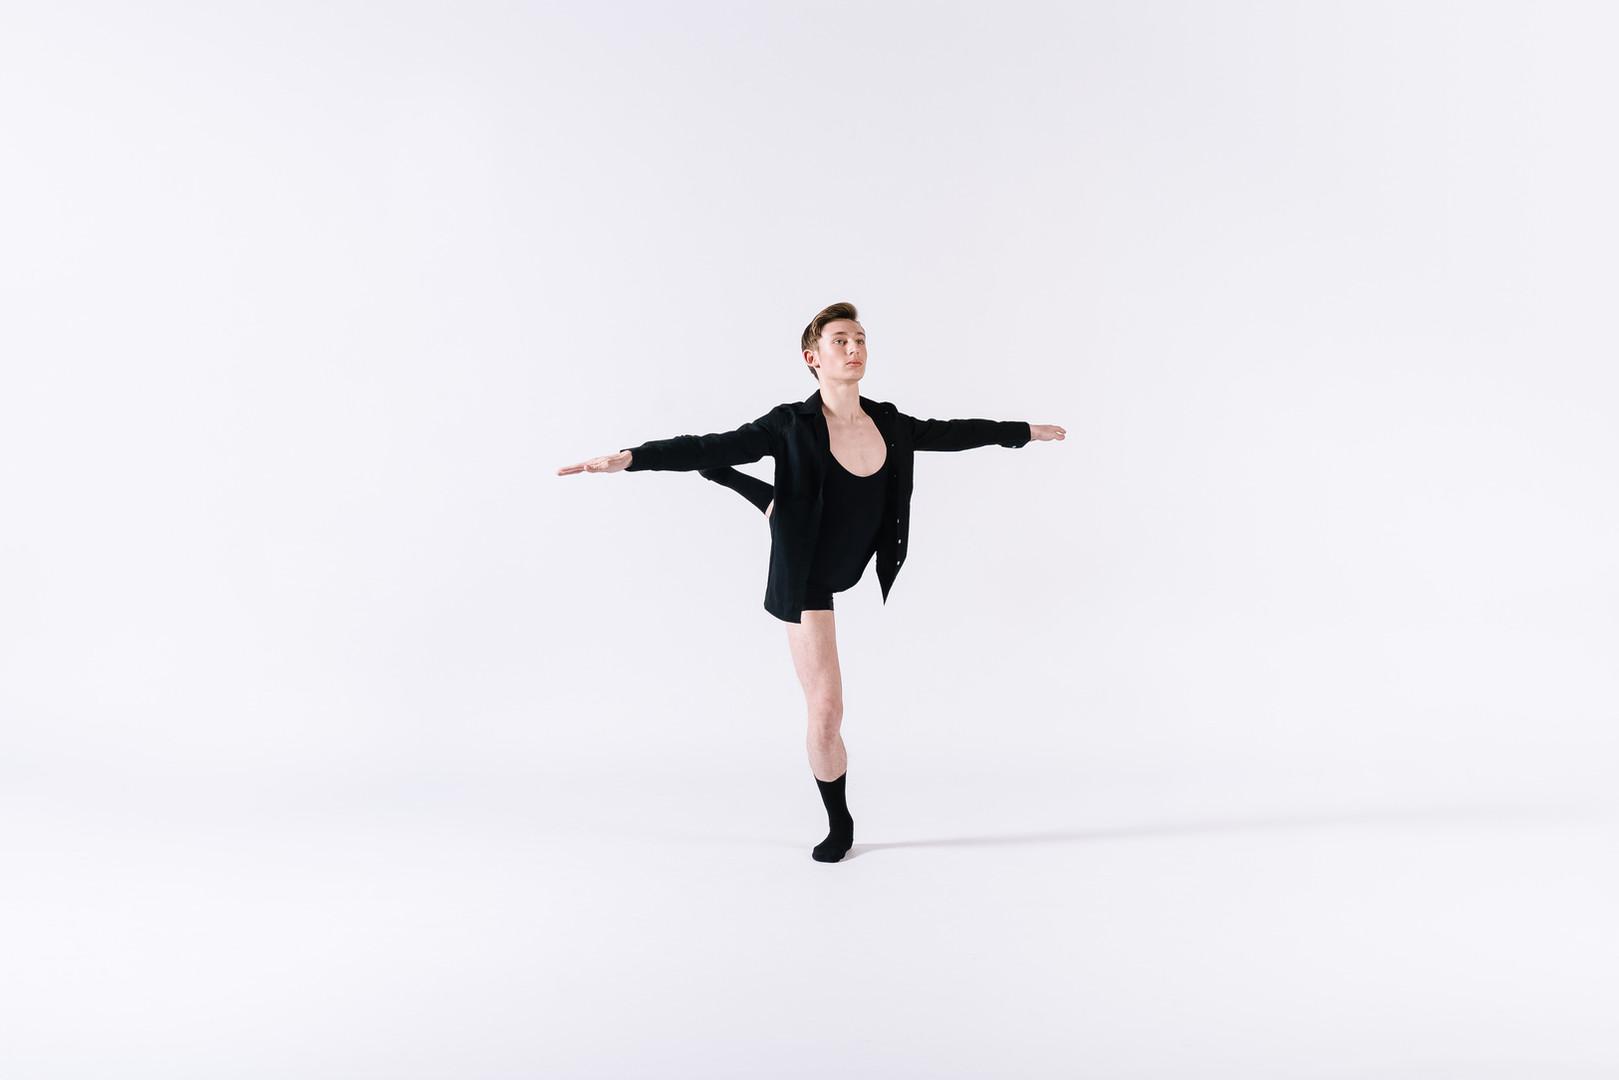 manchester-dance-photographer-17.jpg